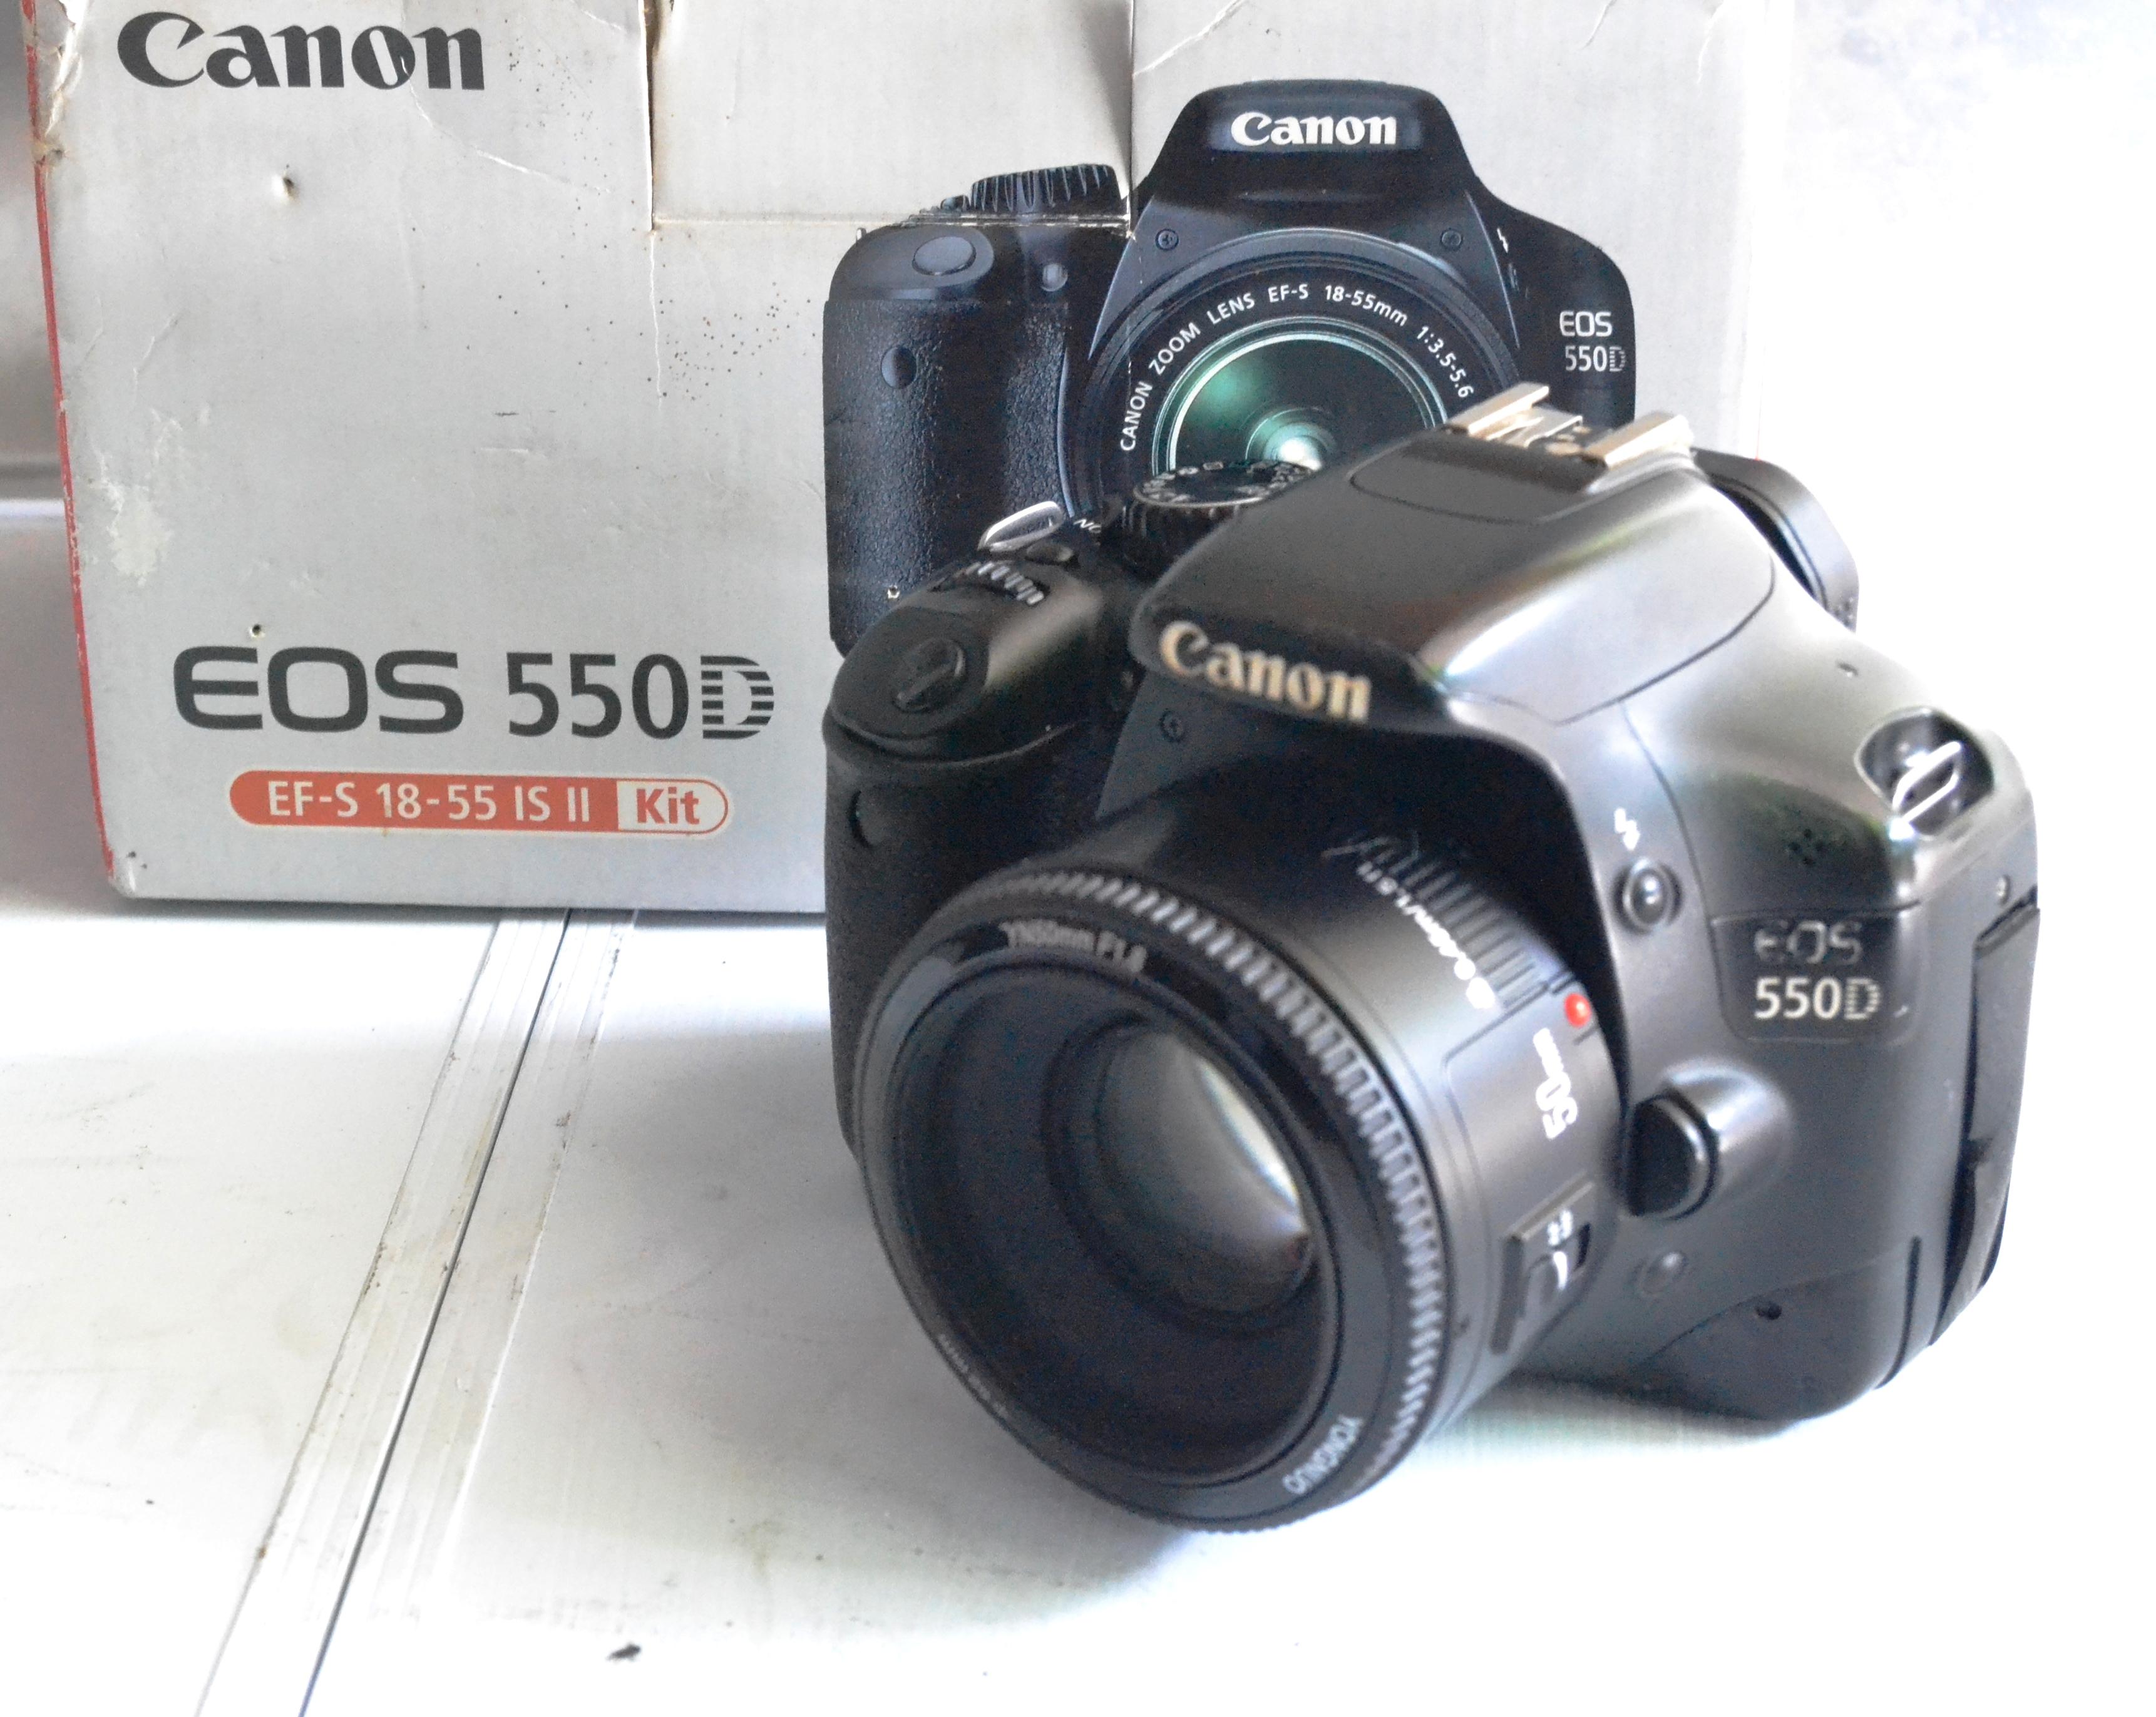 Jual Kamera Canon 550d Bekas Jual Beli Kamera Dan Laptop Bekas Di